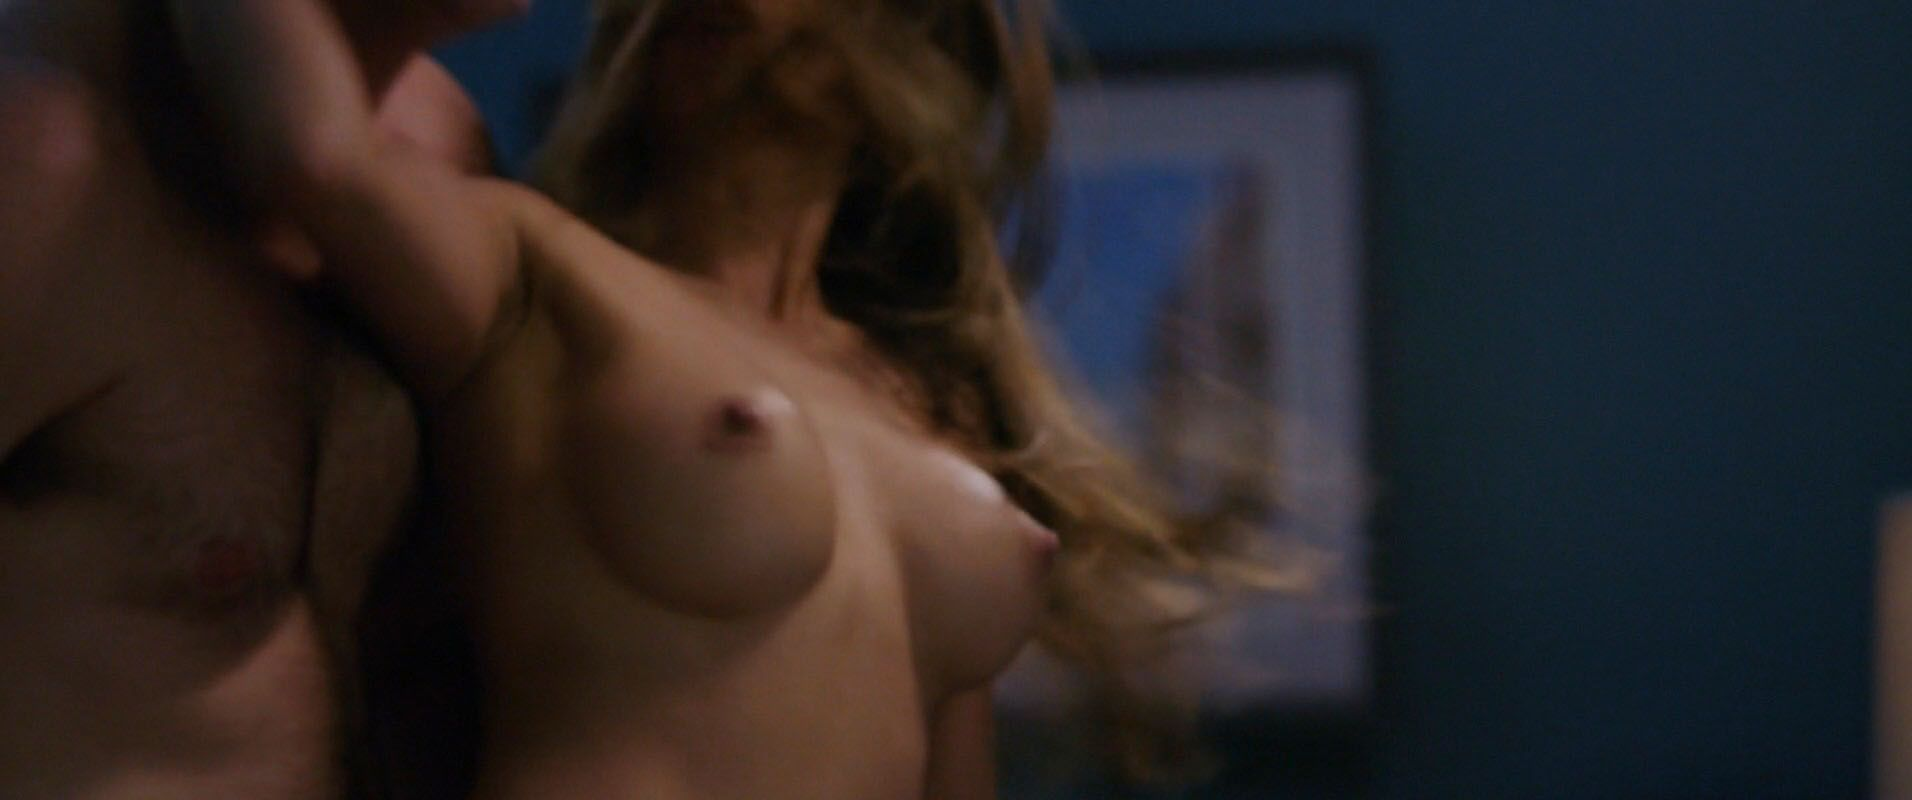 Angela Relucio Nude Pics